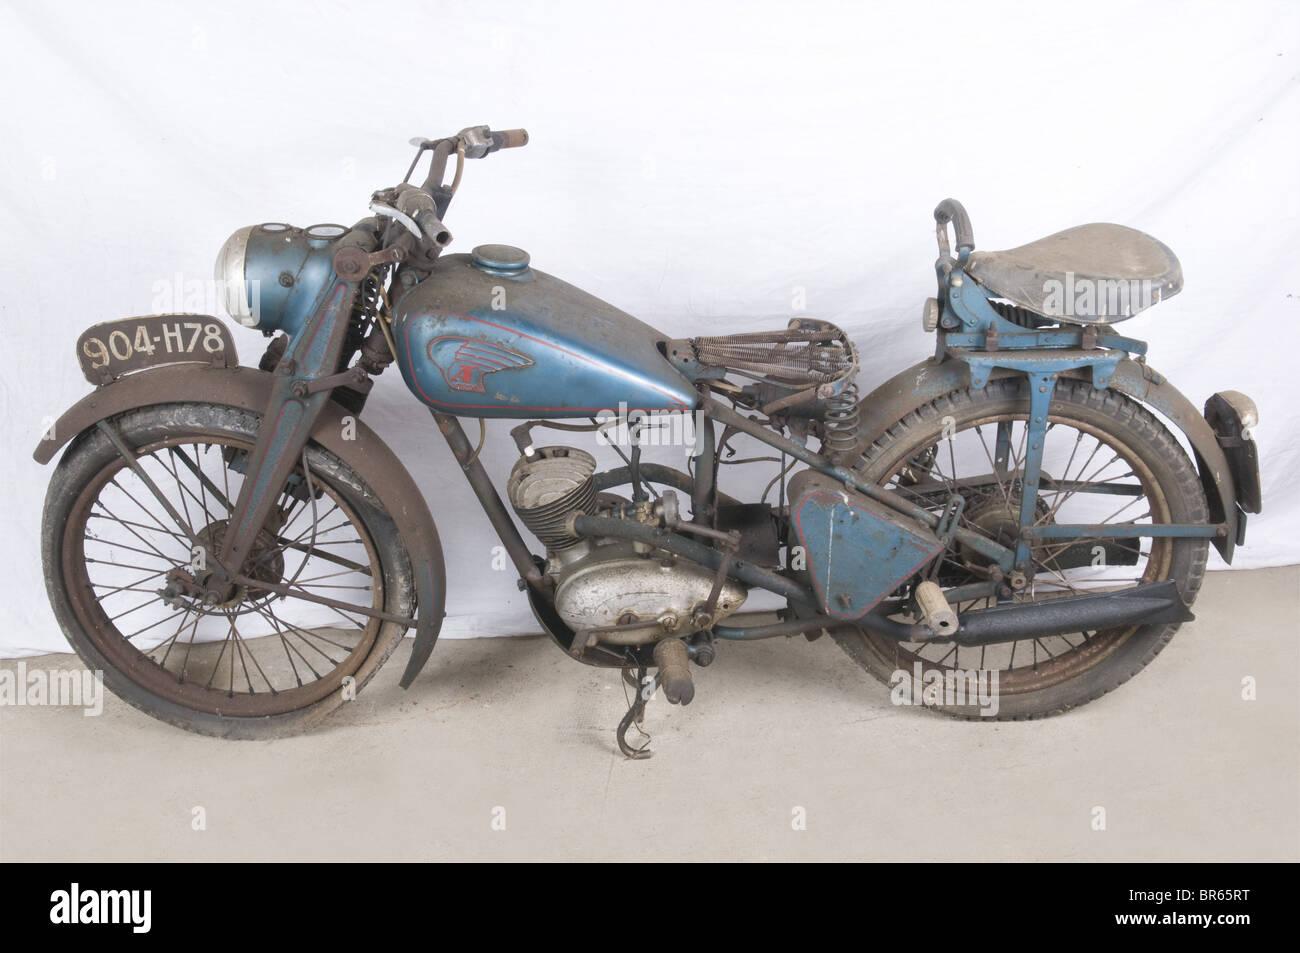 VEHICULES MILITAIRES, Moto ARDIE VF 125 cc, Marque allemande fondée à Nuremberg en 1919 par Arno Dietrich, elle Stock Photo